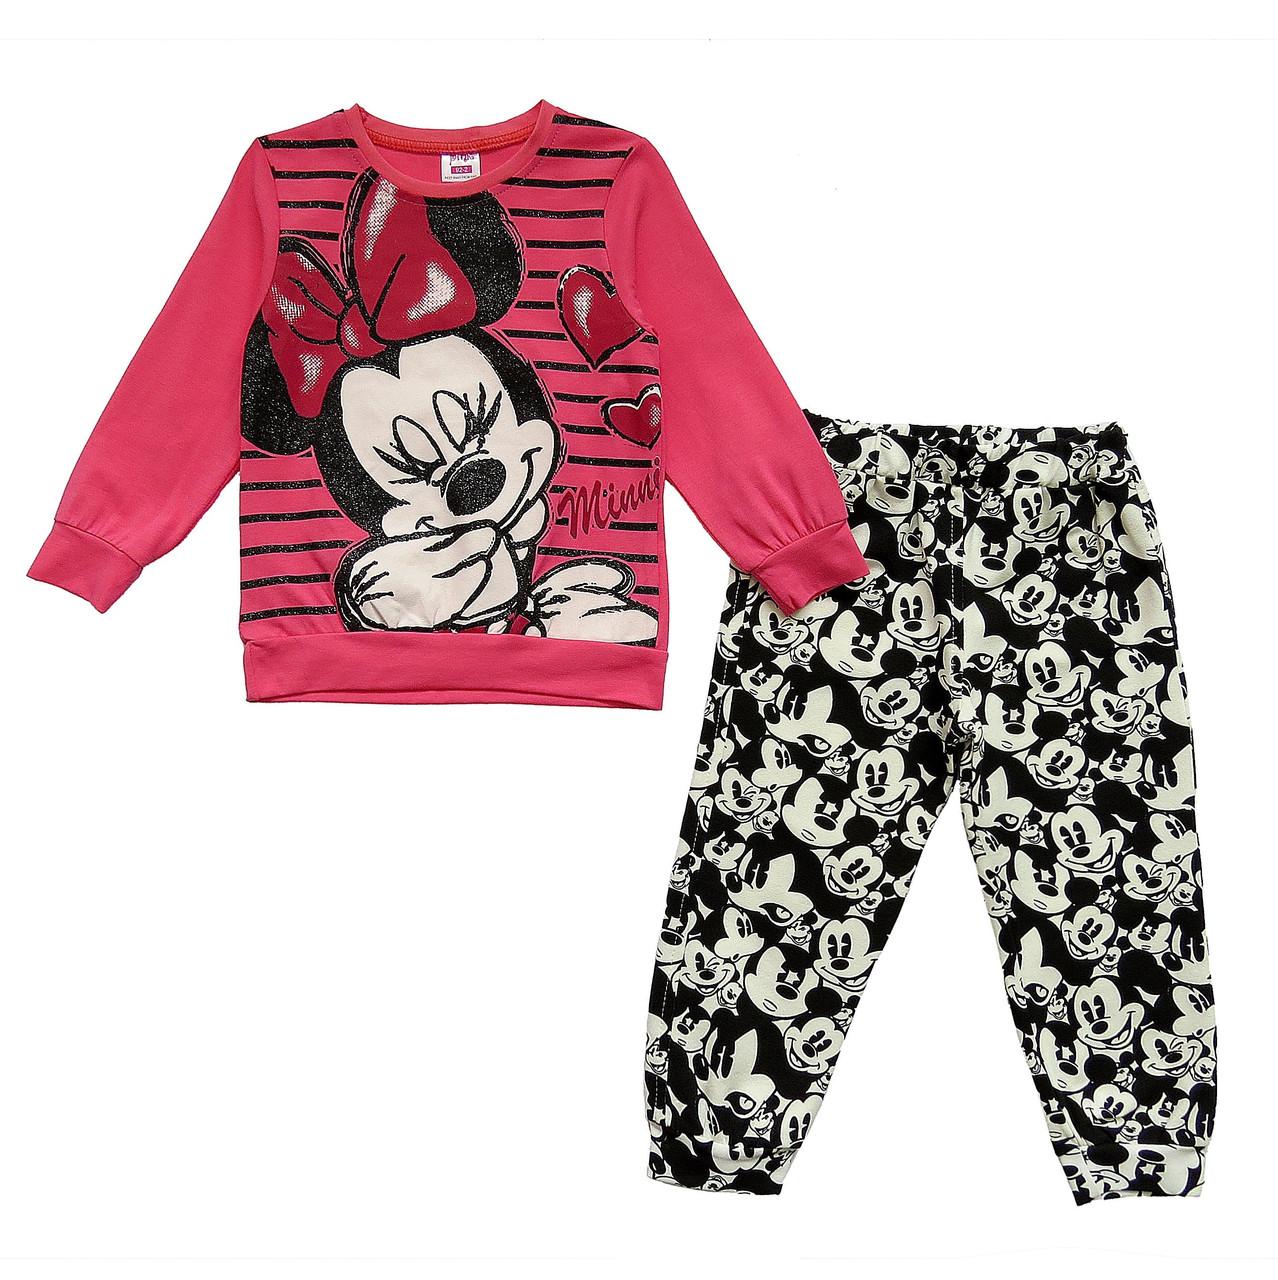 Костюм Minnie Mouse для девочки. Большемерит. 92, 98, 104 см